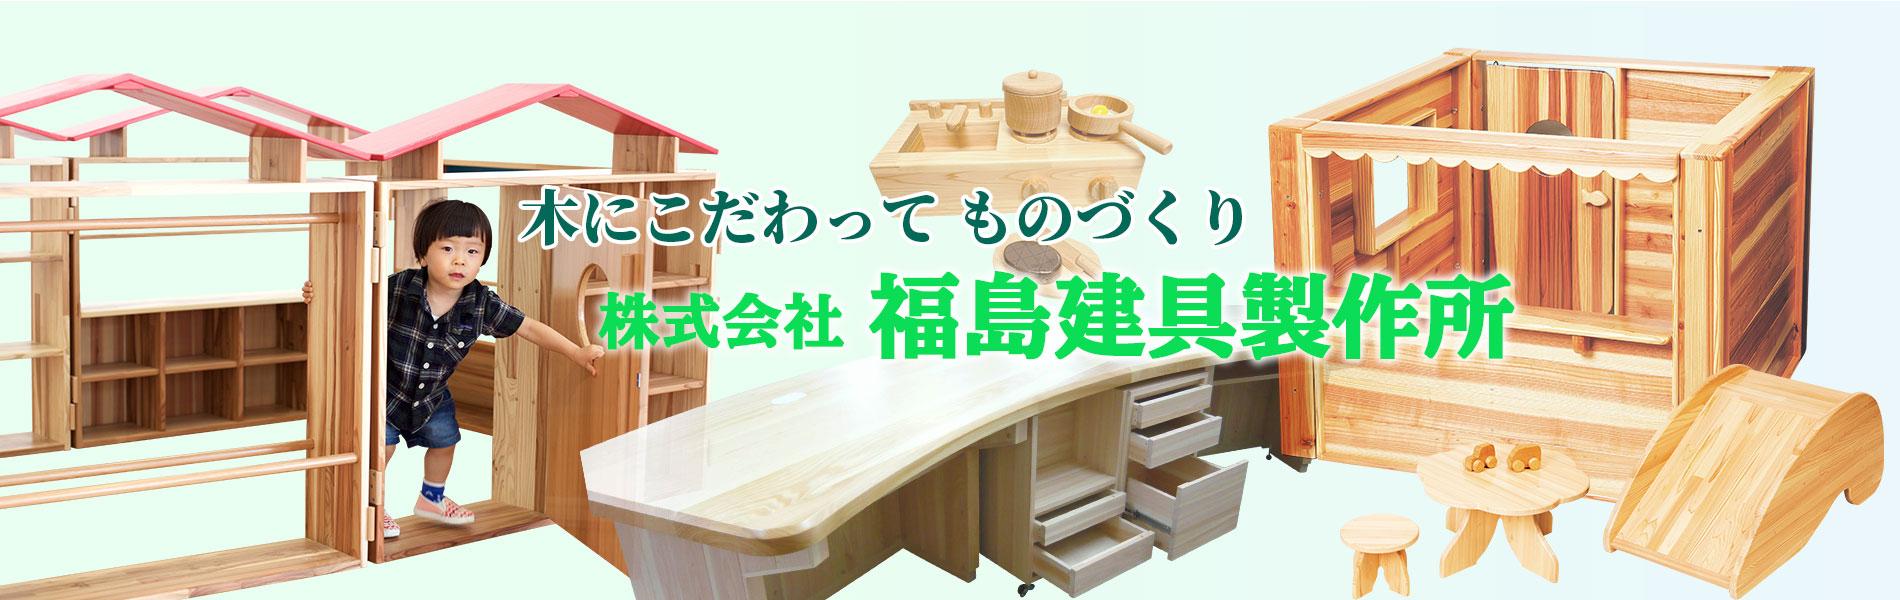 木のおもちゃ・木製建具や家具などの注文制作|福島建具製作所